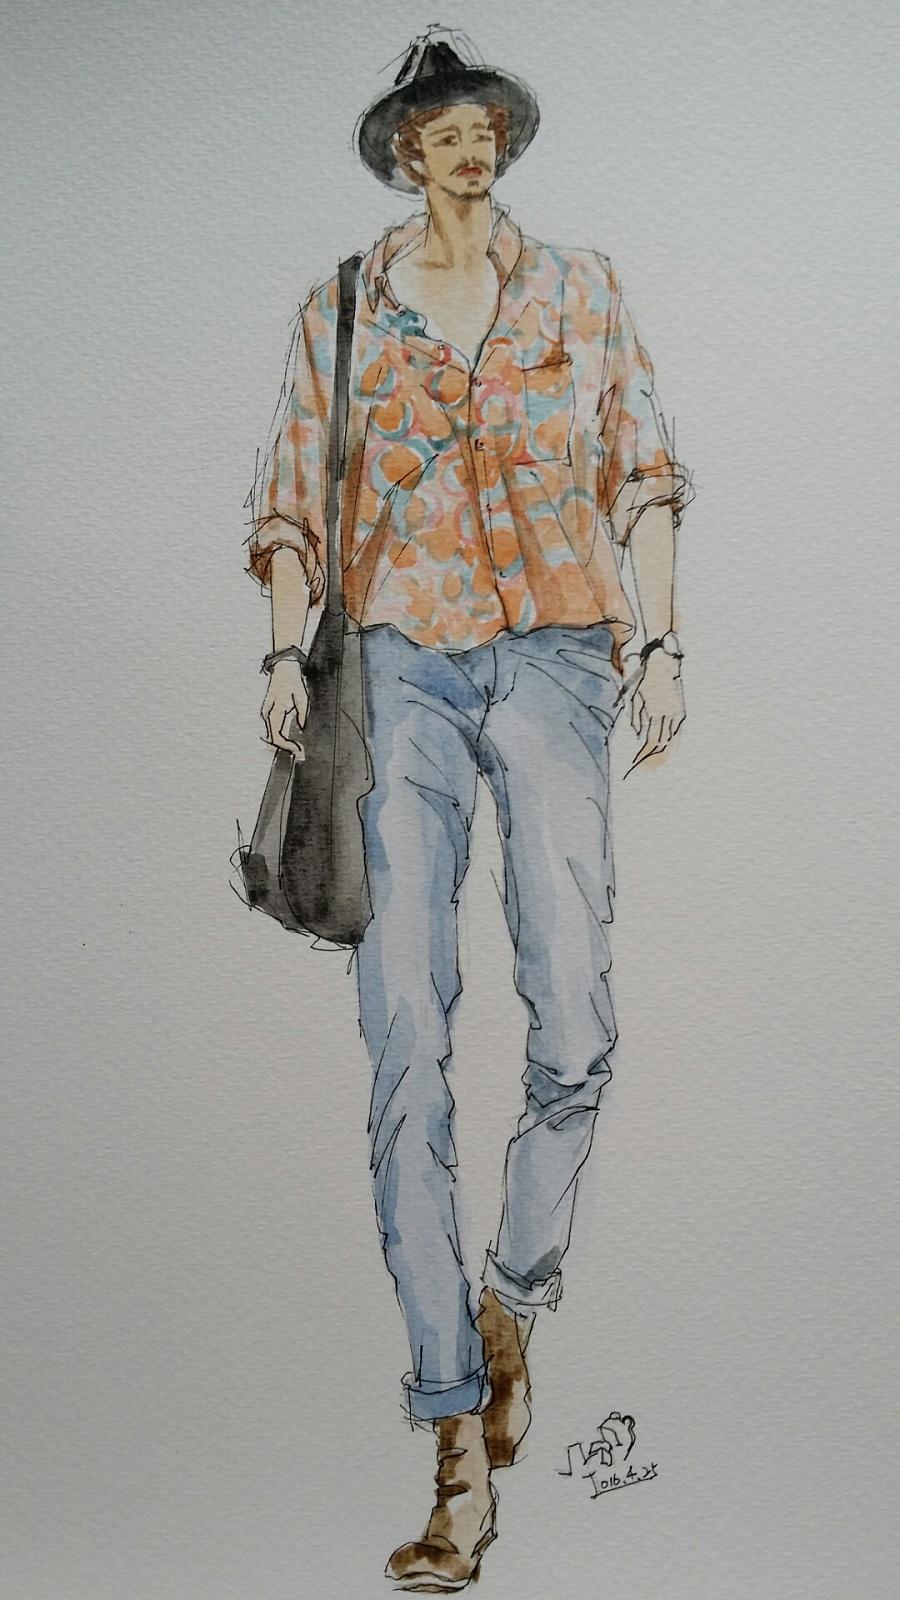 手绘时装插画(男装夏季搭配)|休闲/流行服饰|服装|箐